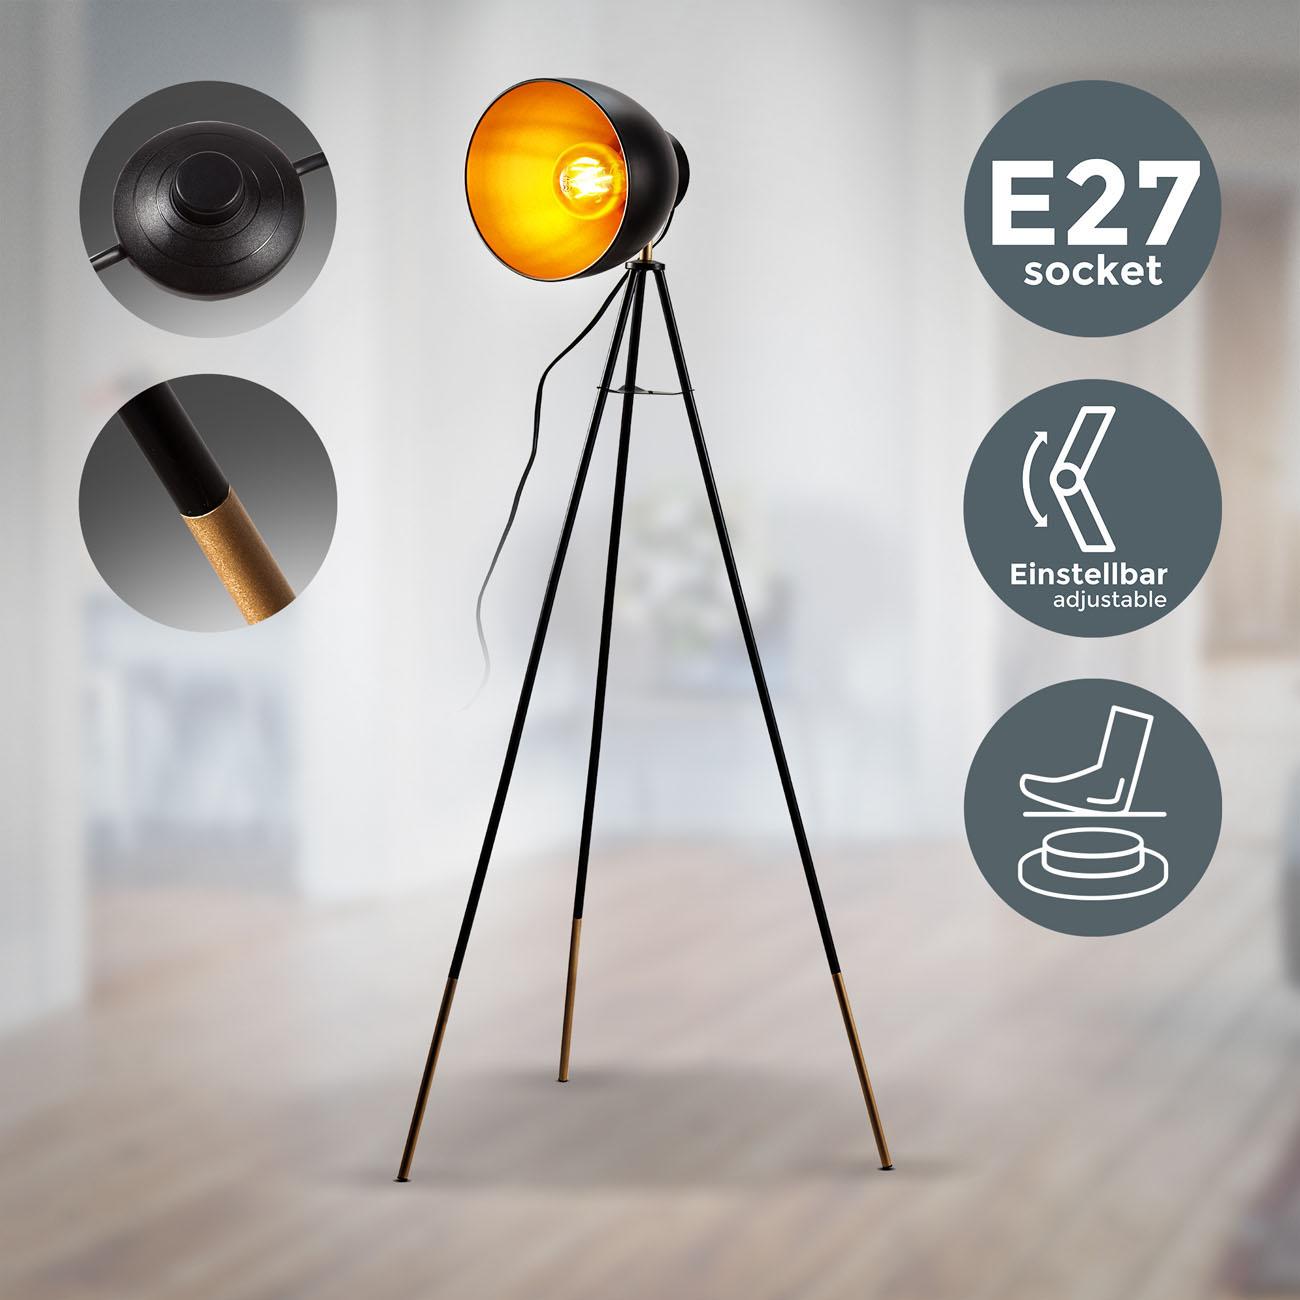 Retro Stehleuchte schwarz-gold E27 - 3